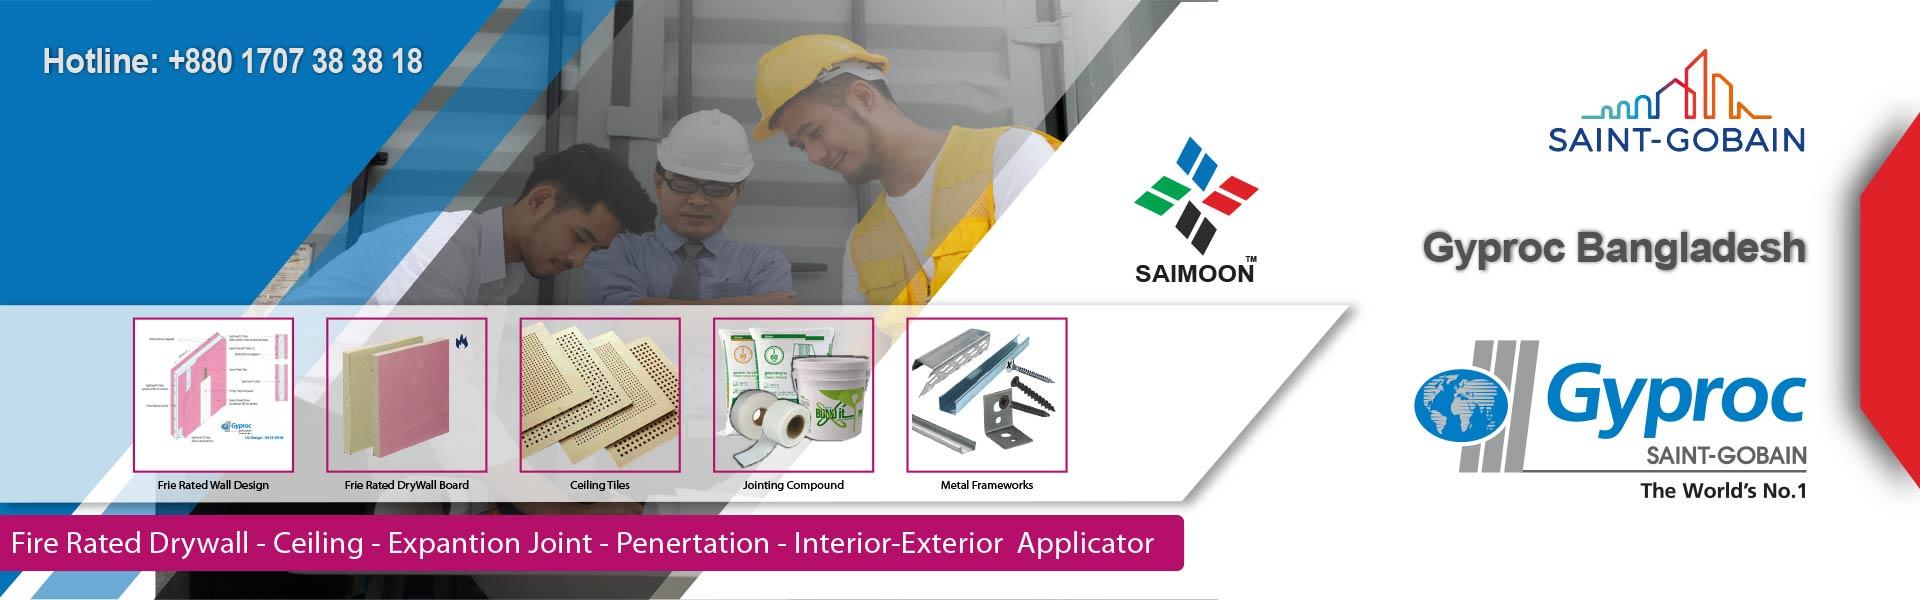 Saimoon Multipurpose Innovation